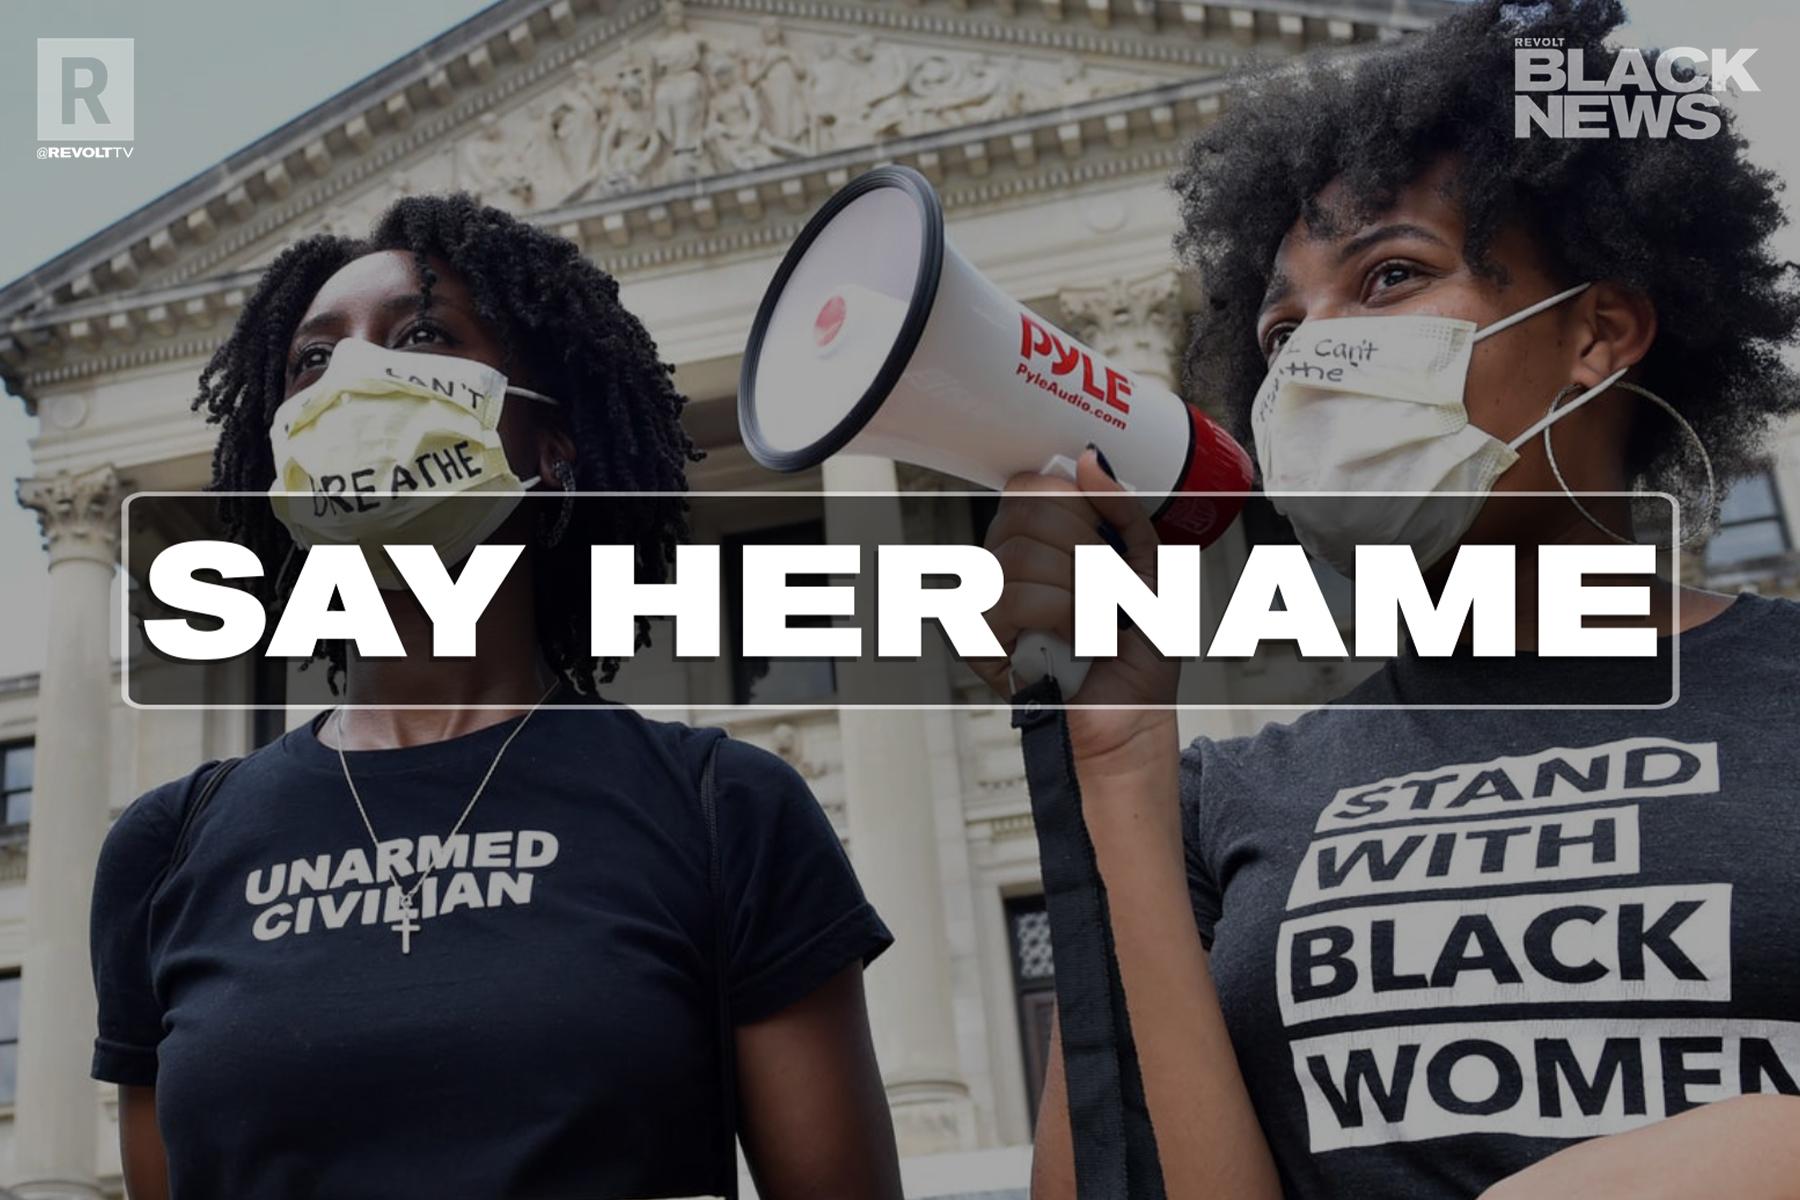 Black women/girls police brutality